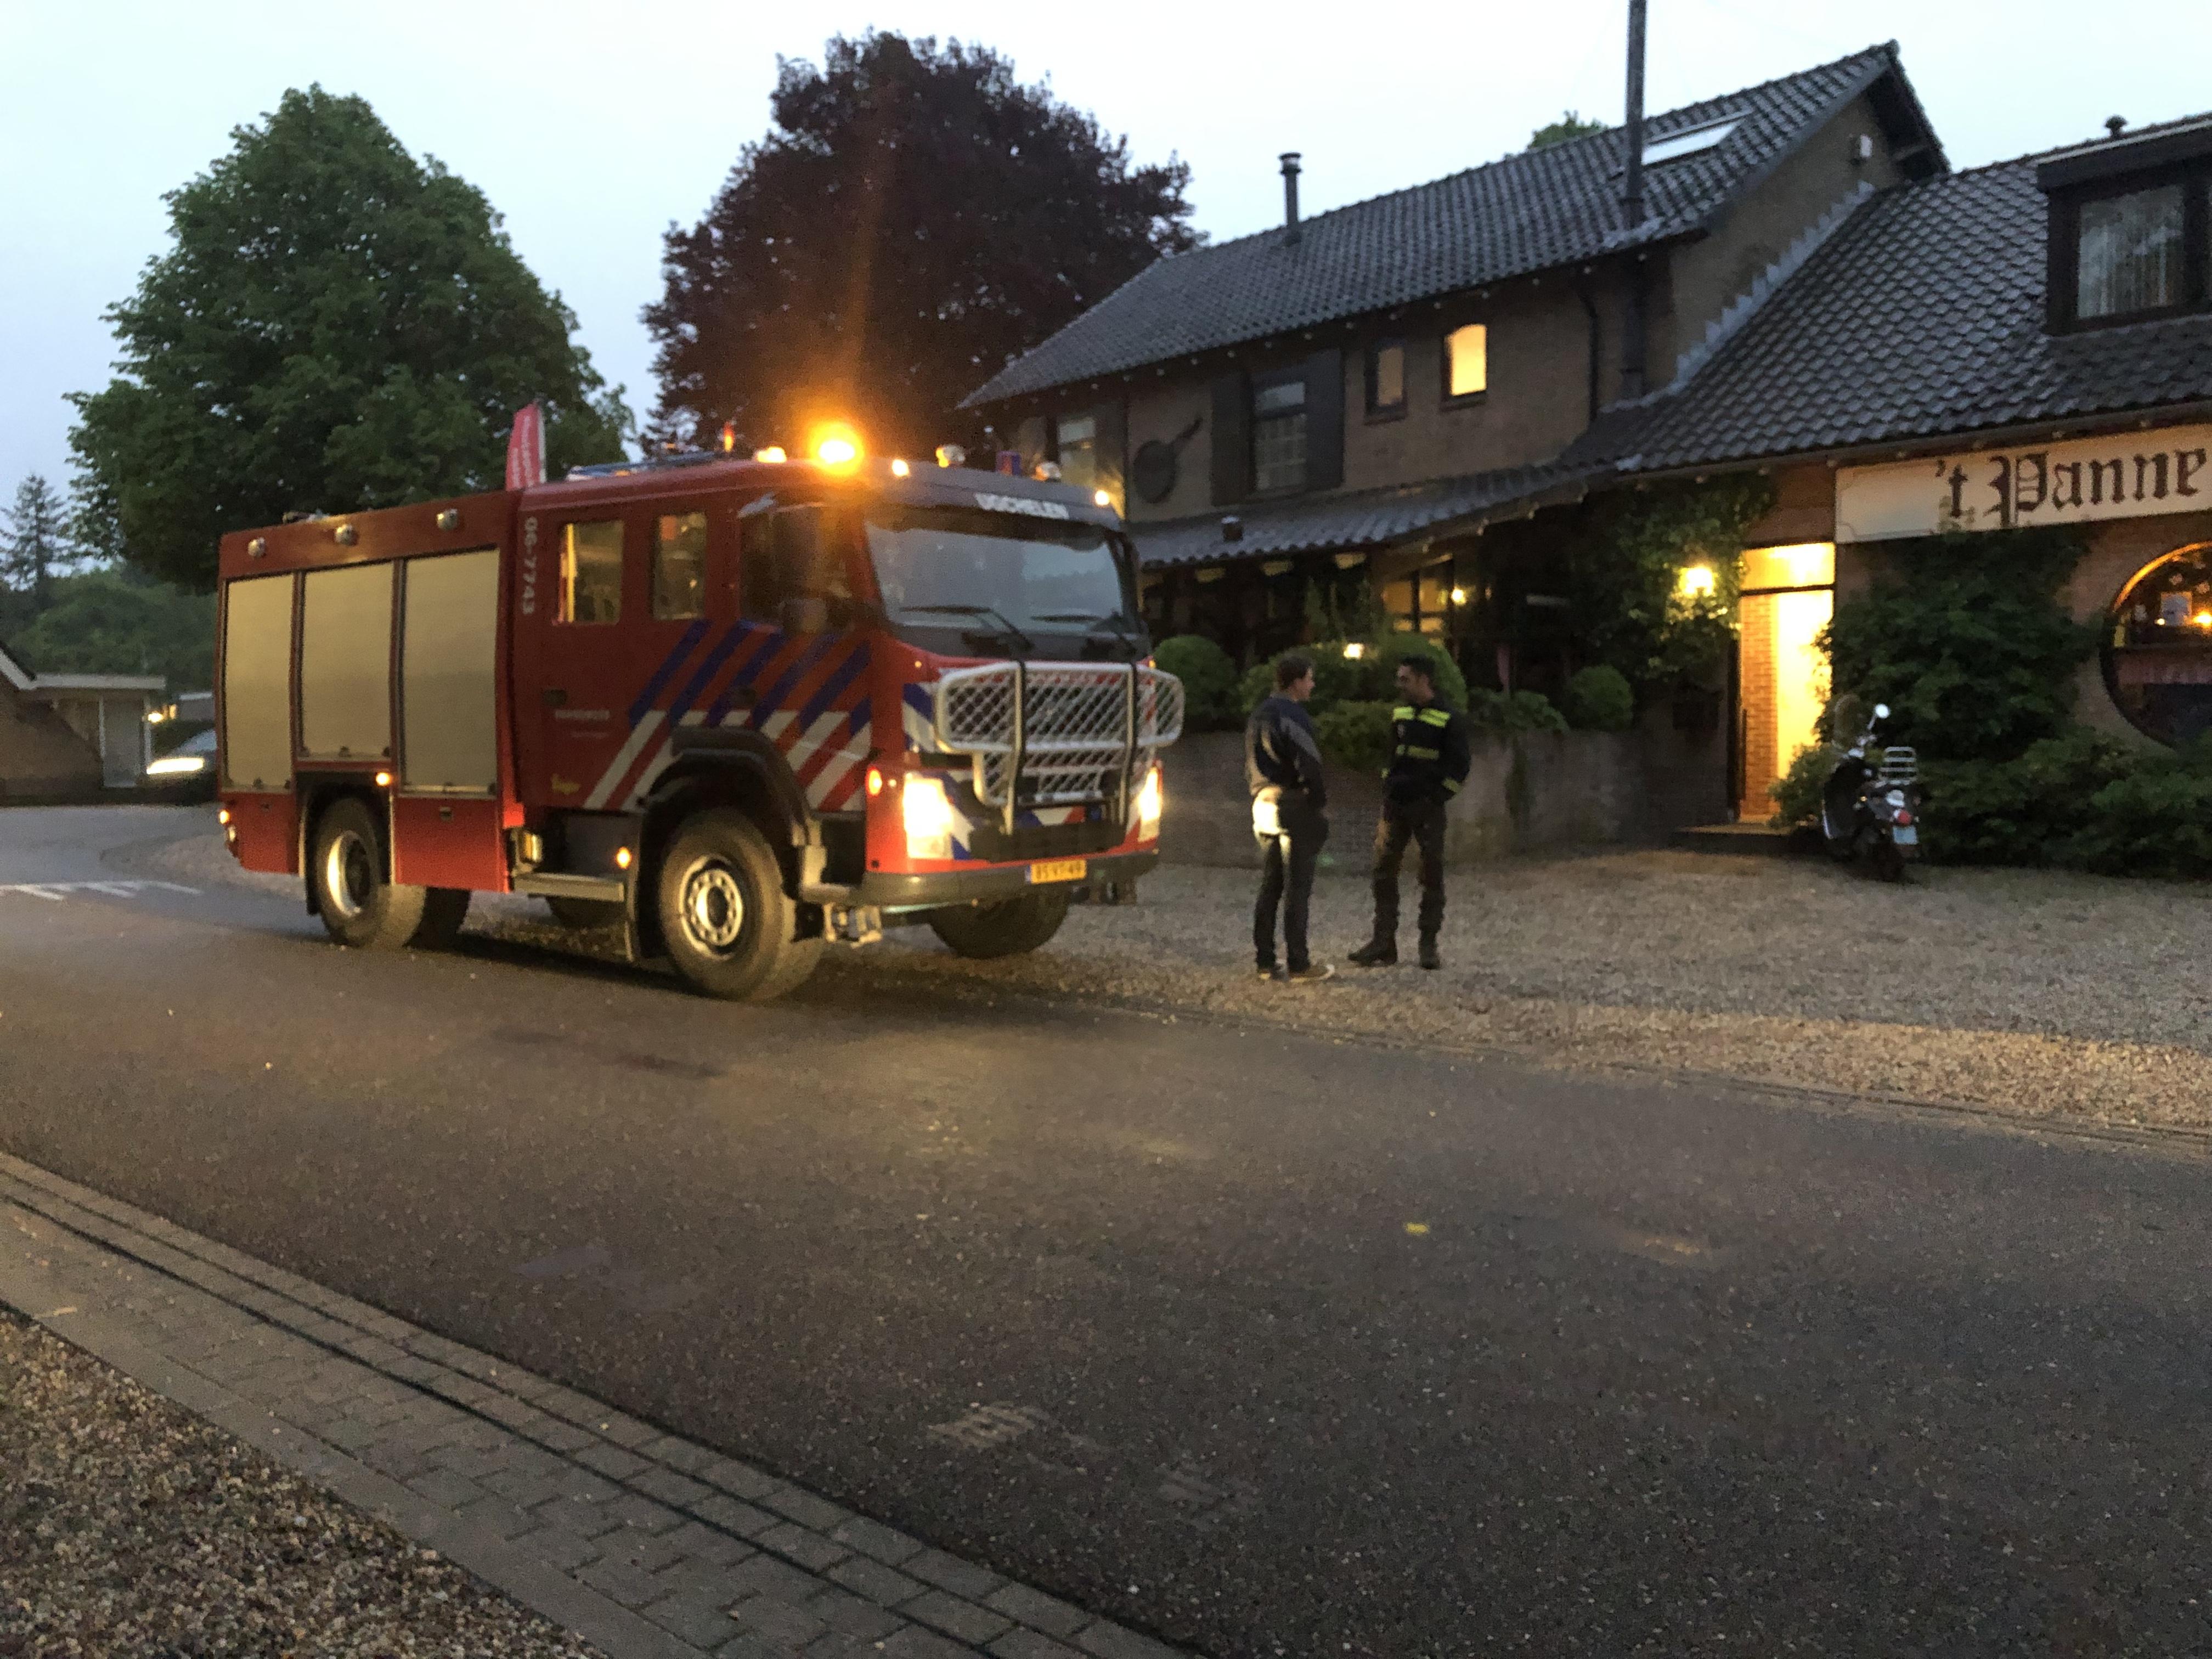 Waterlekkage laat brandalarm afgaan bij Pannekoekenhuis in Ugchelen